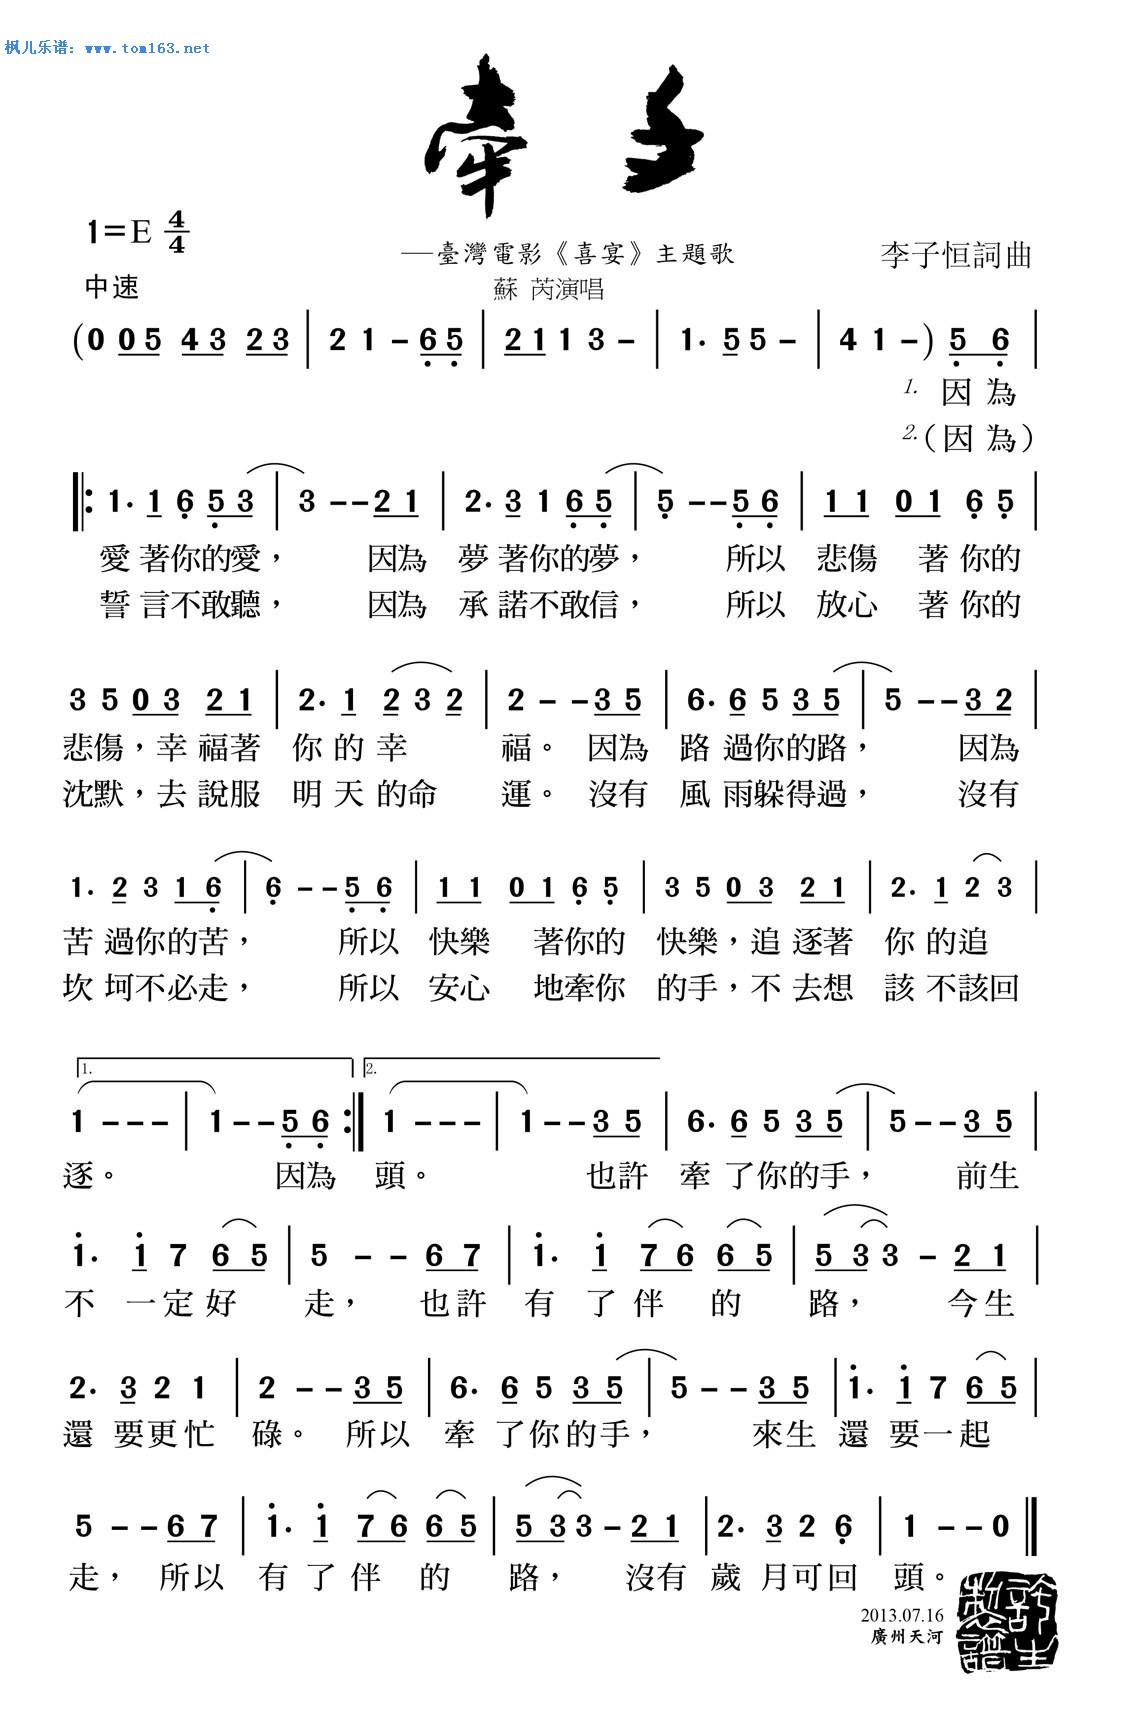 枫儿乐谱 乐谱库 影视歌曲歌谱 1-3字歌名影视歌谱 >> 正文:牵手